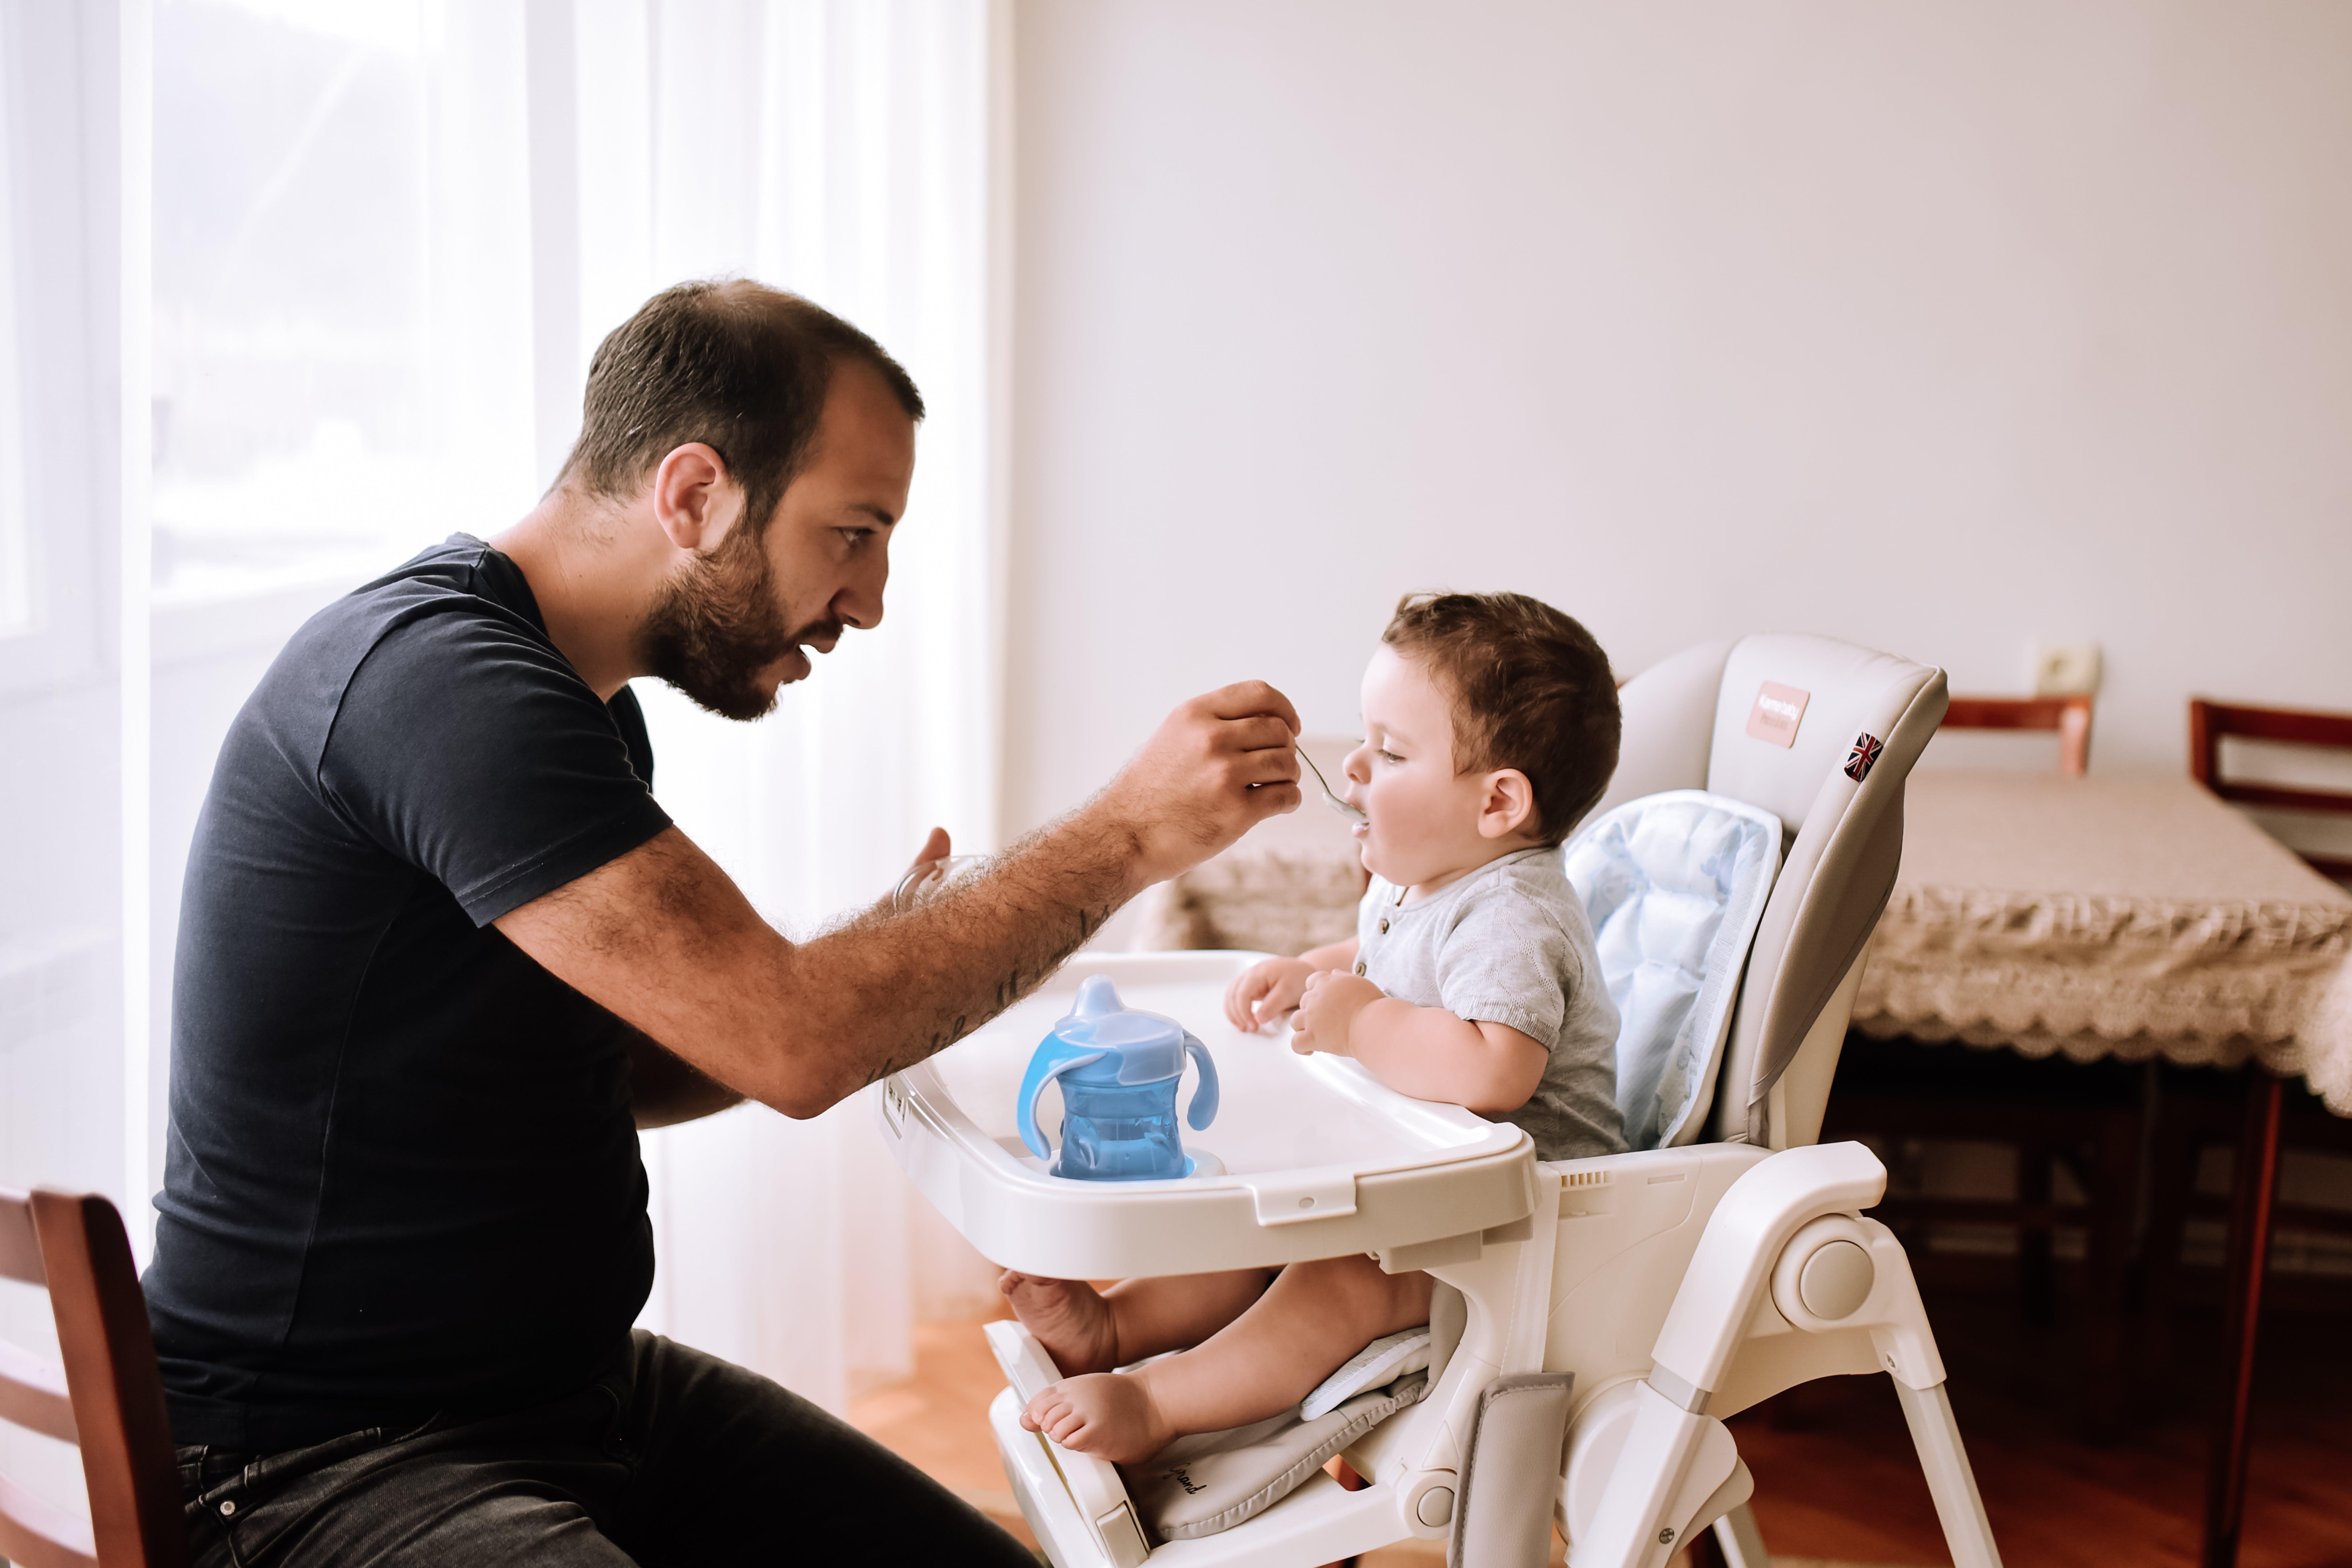 Armenia: un papà imbocca il suo bambino